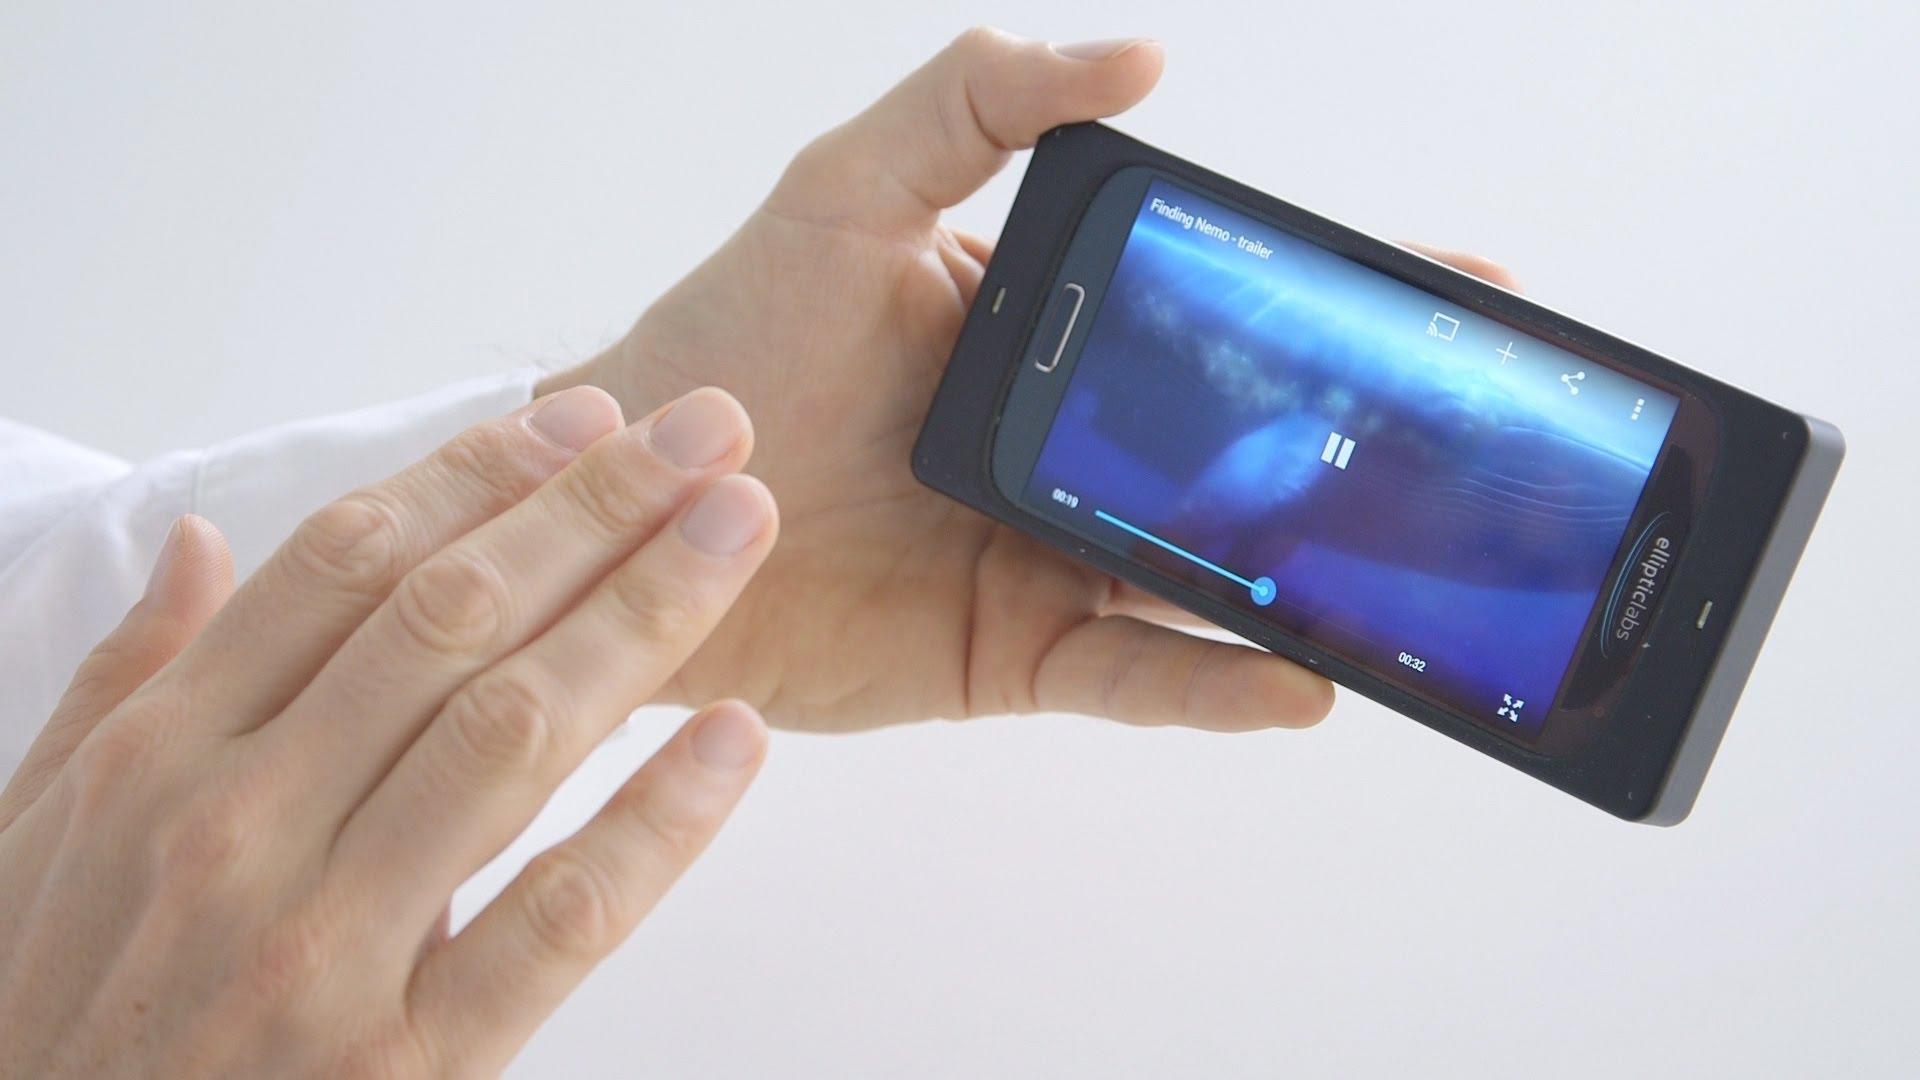 Расширенное управление жестами на Андроид: контролируем, не касаясь экрана